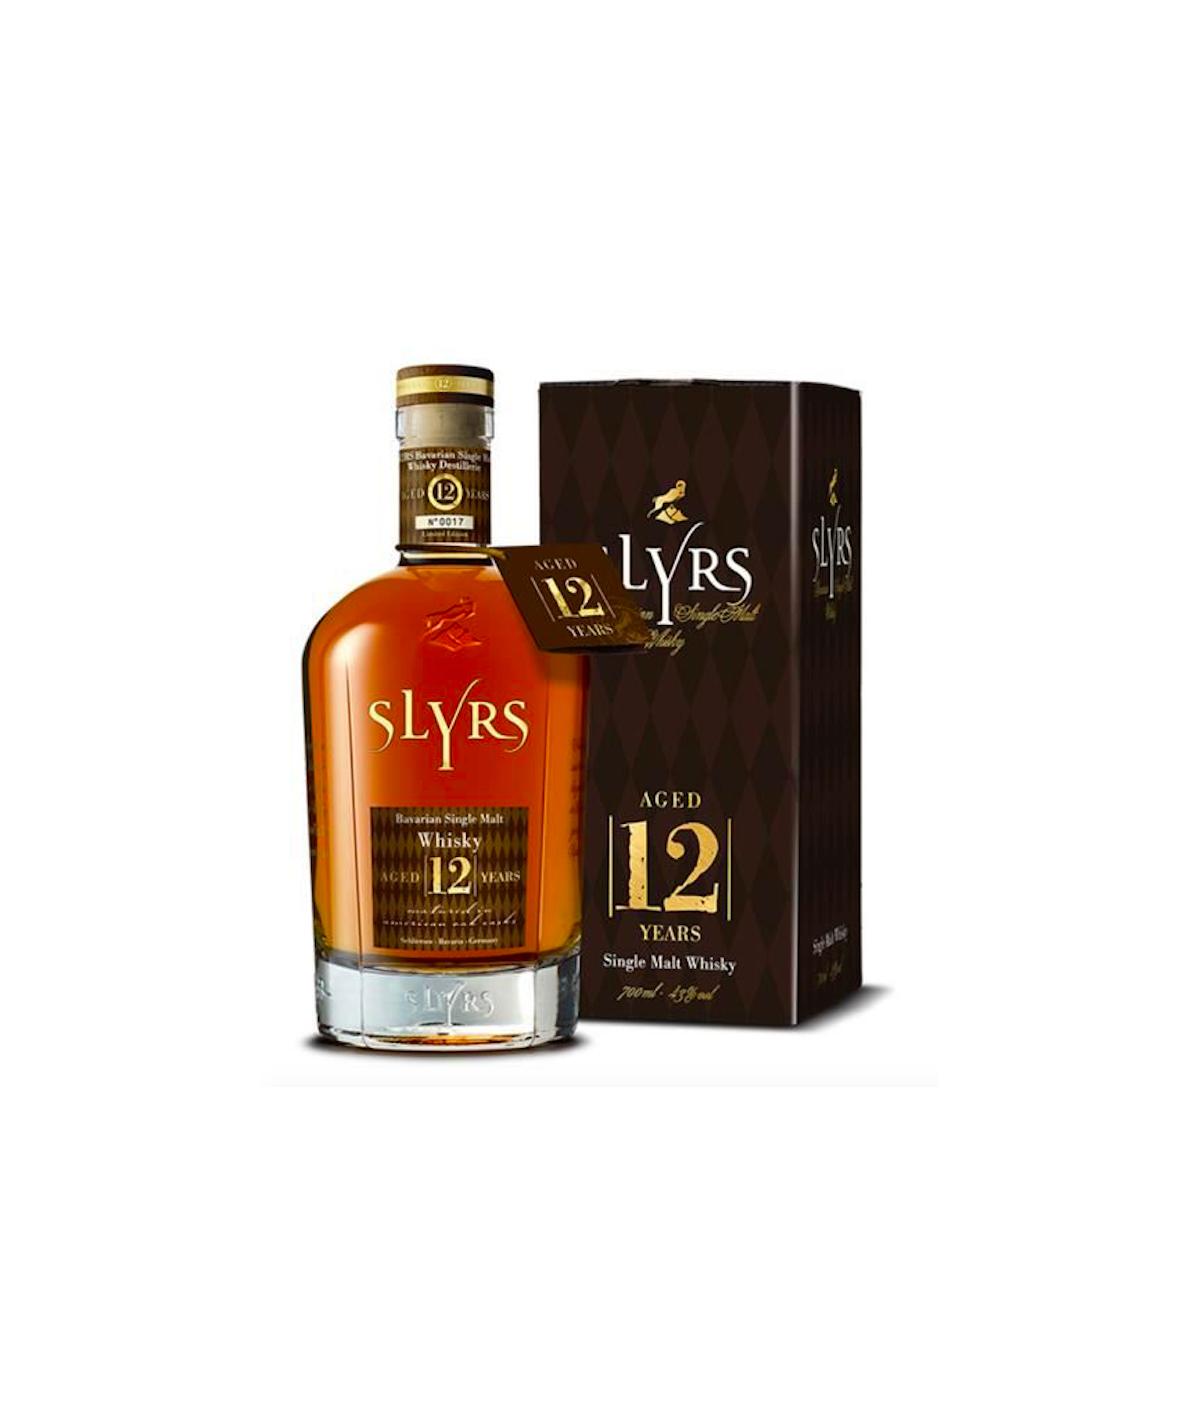 SLYRS Single Malt Whisky | 12 ans